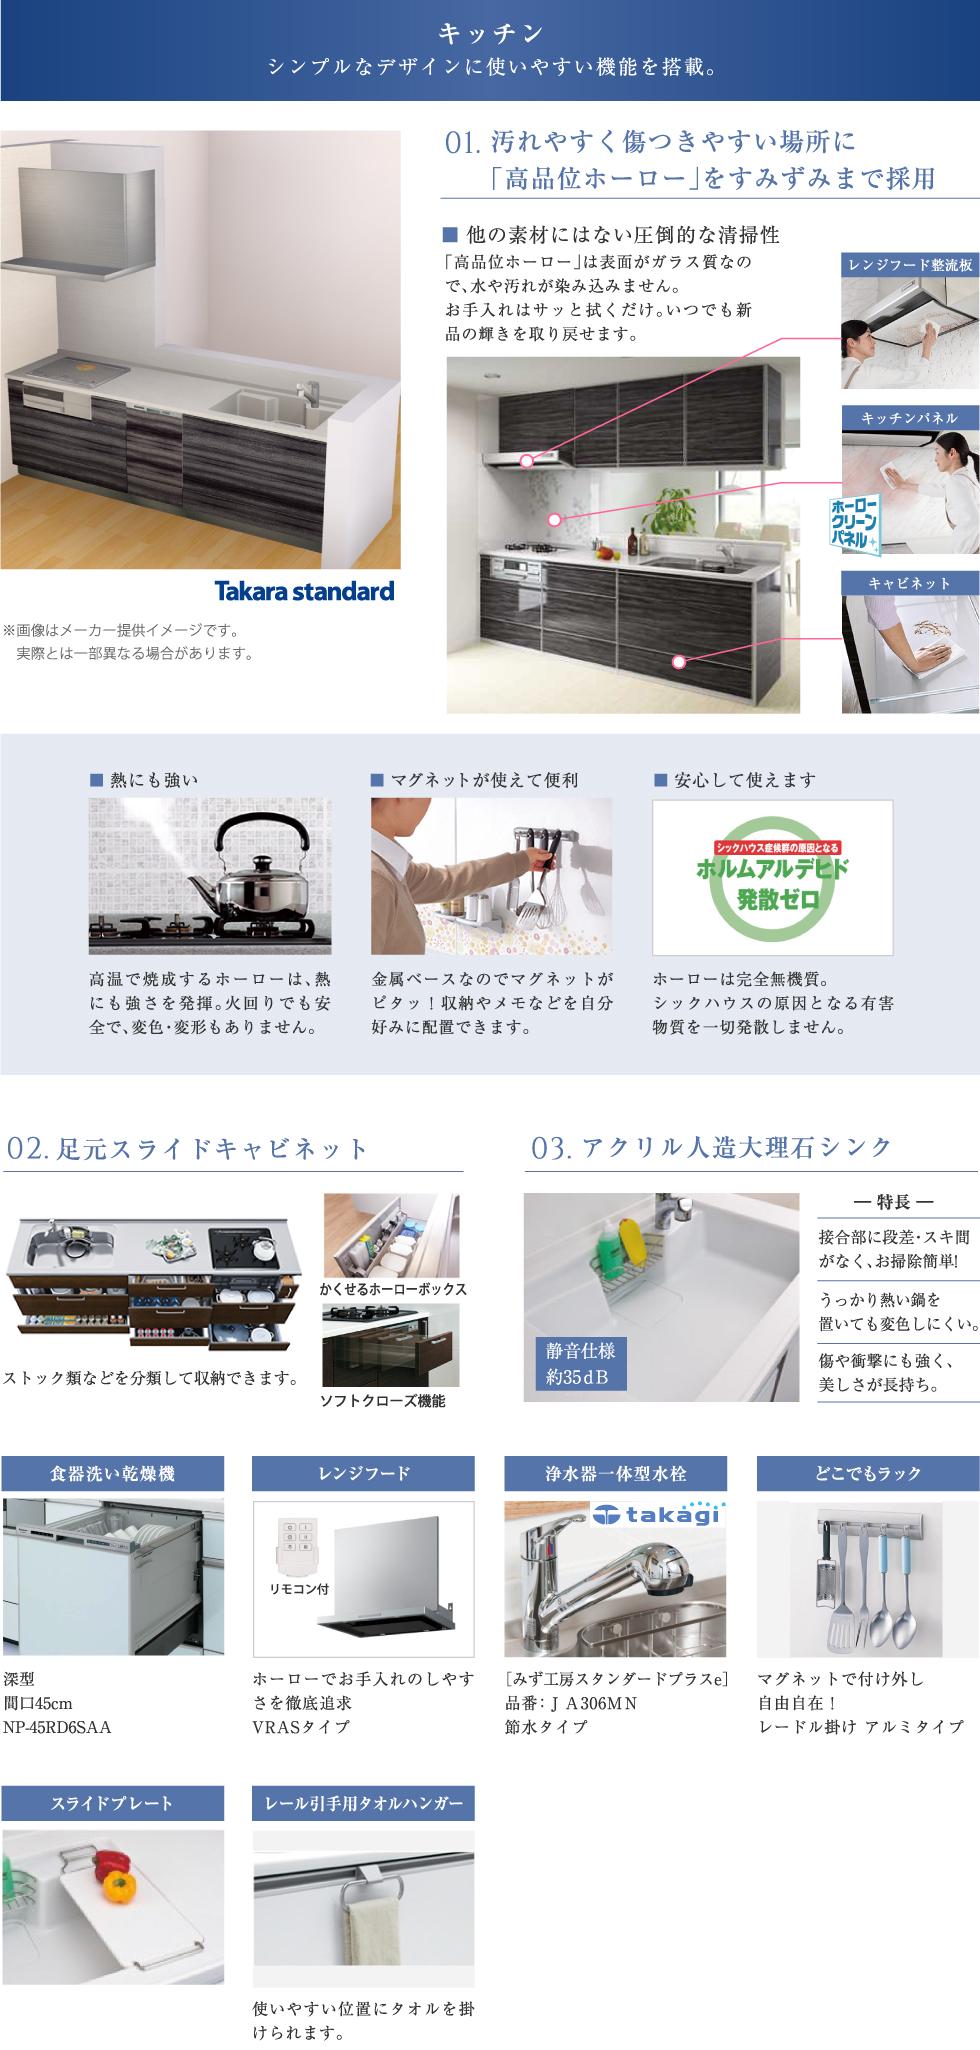 ガス   Takara standardのキッチン